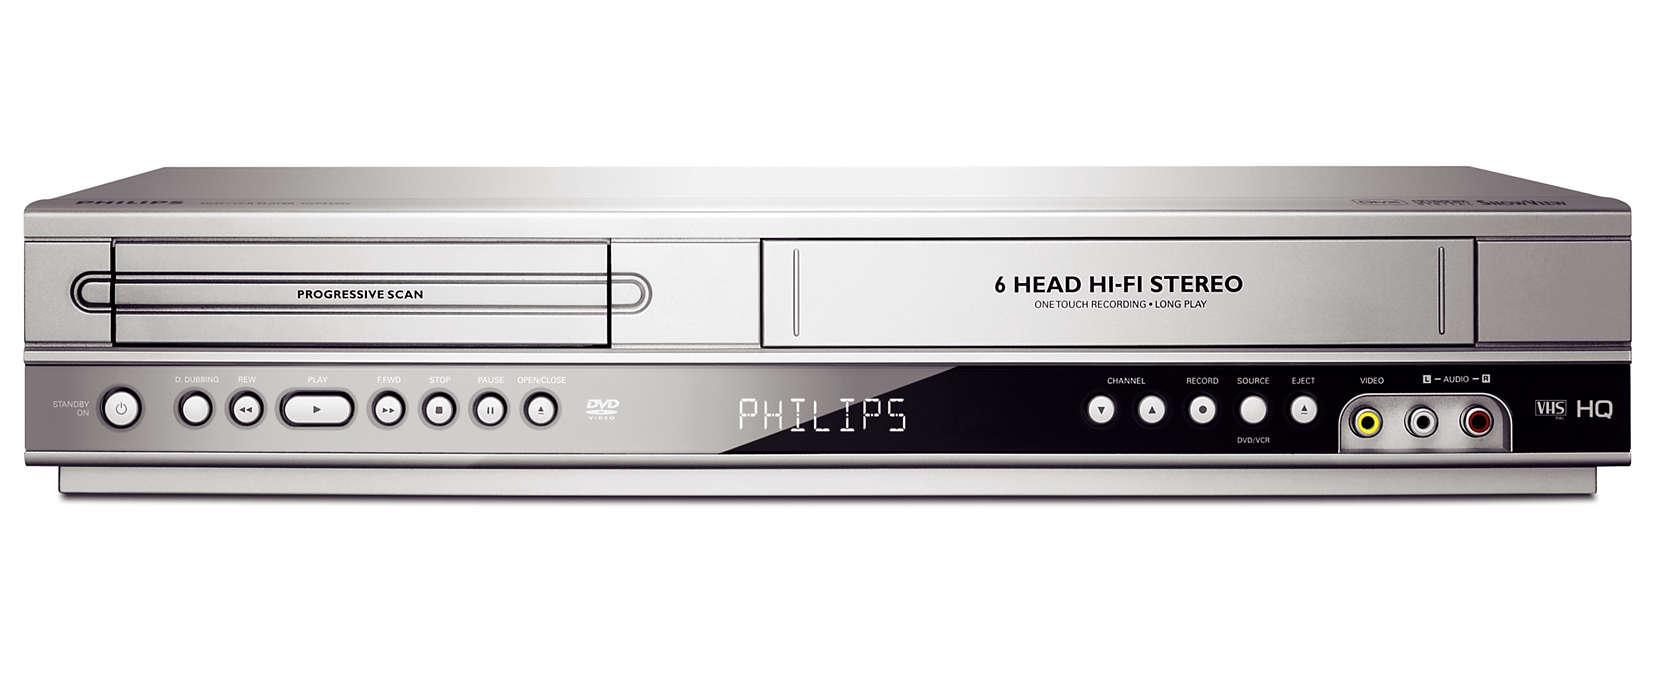 Voor het afspelen van uw DVD's en VHS-banden